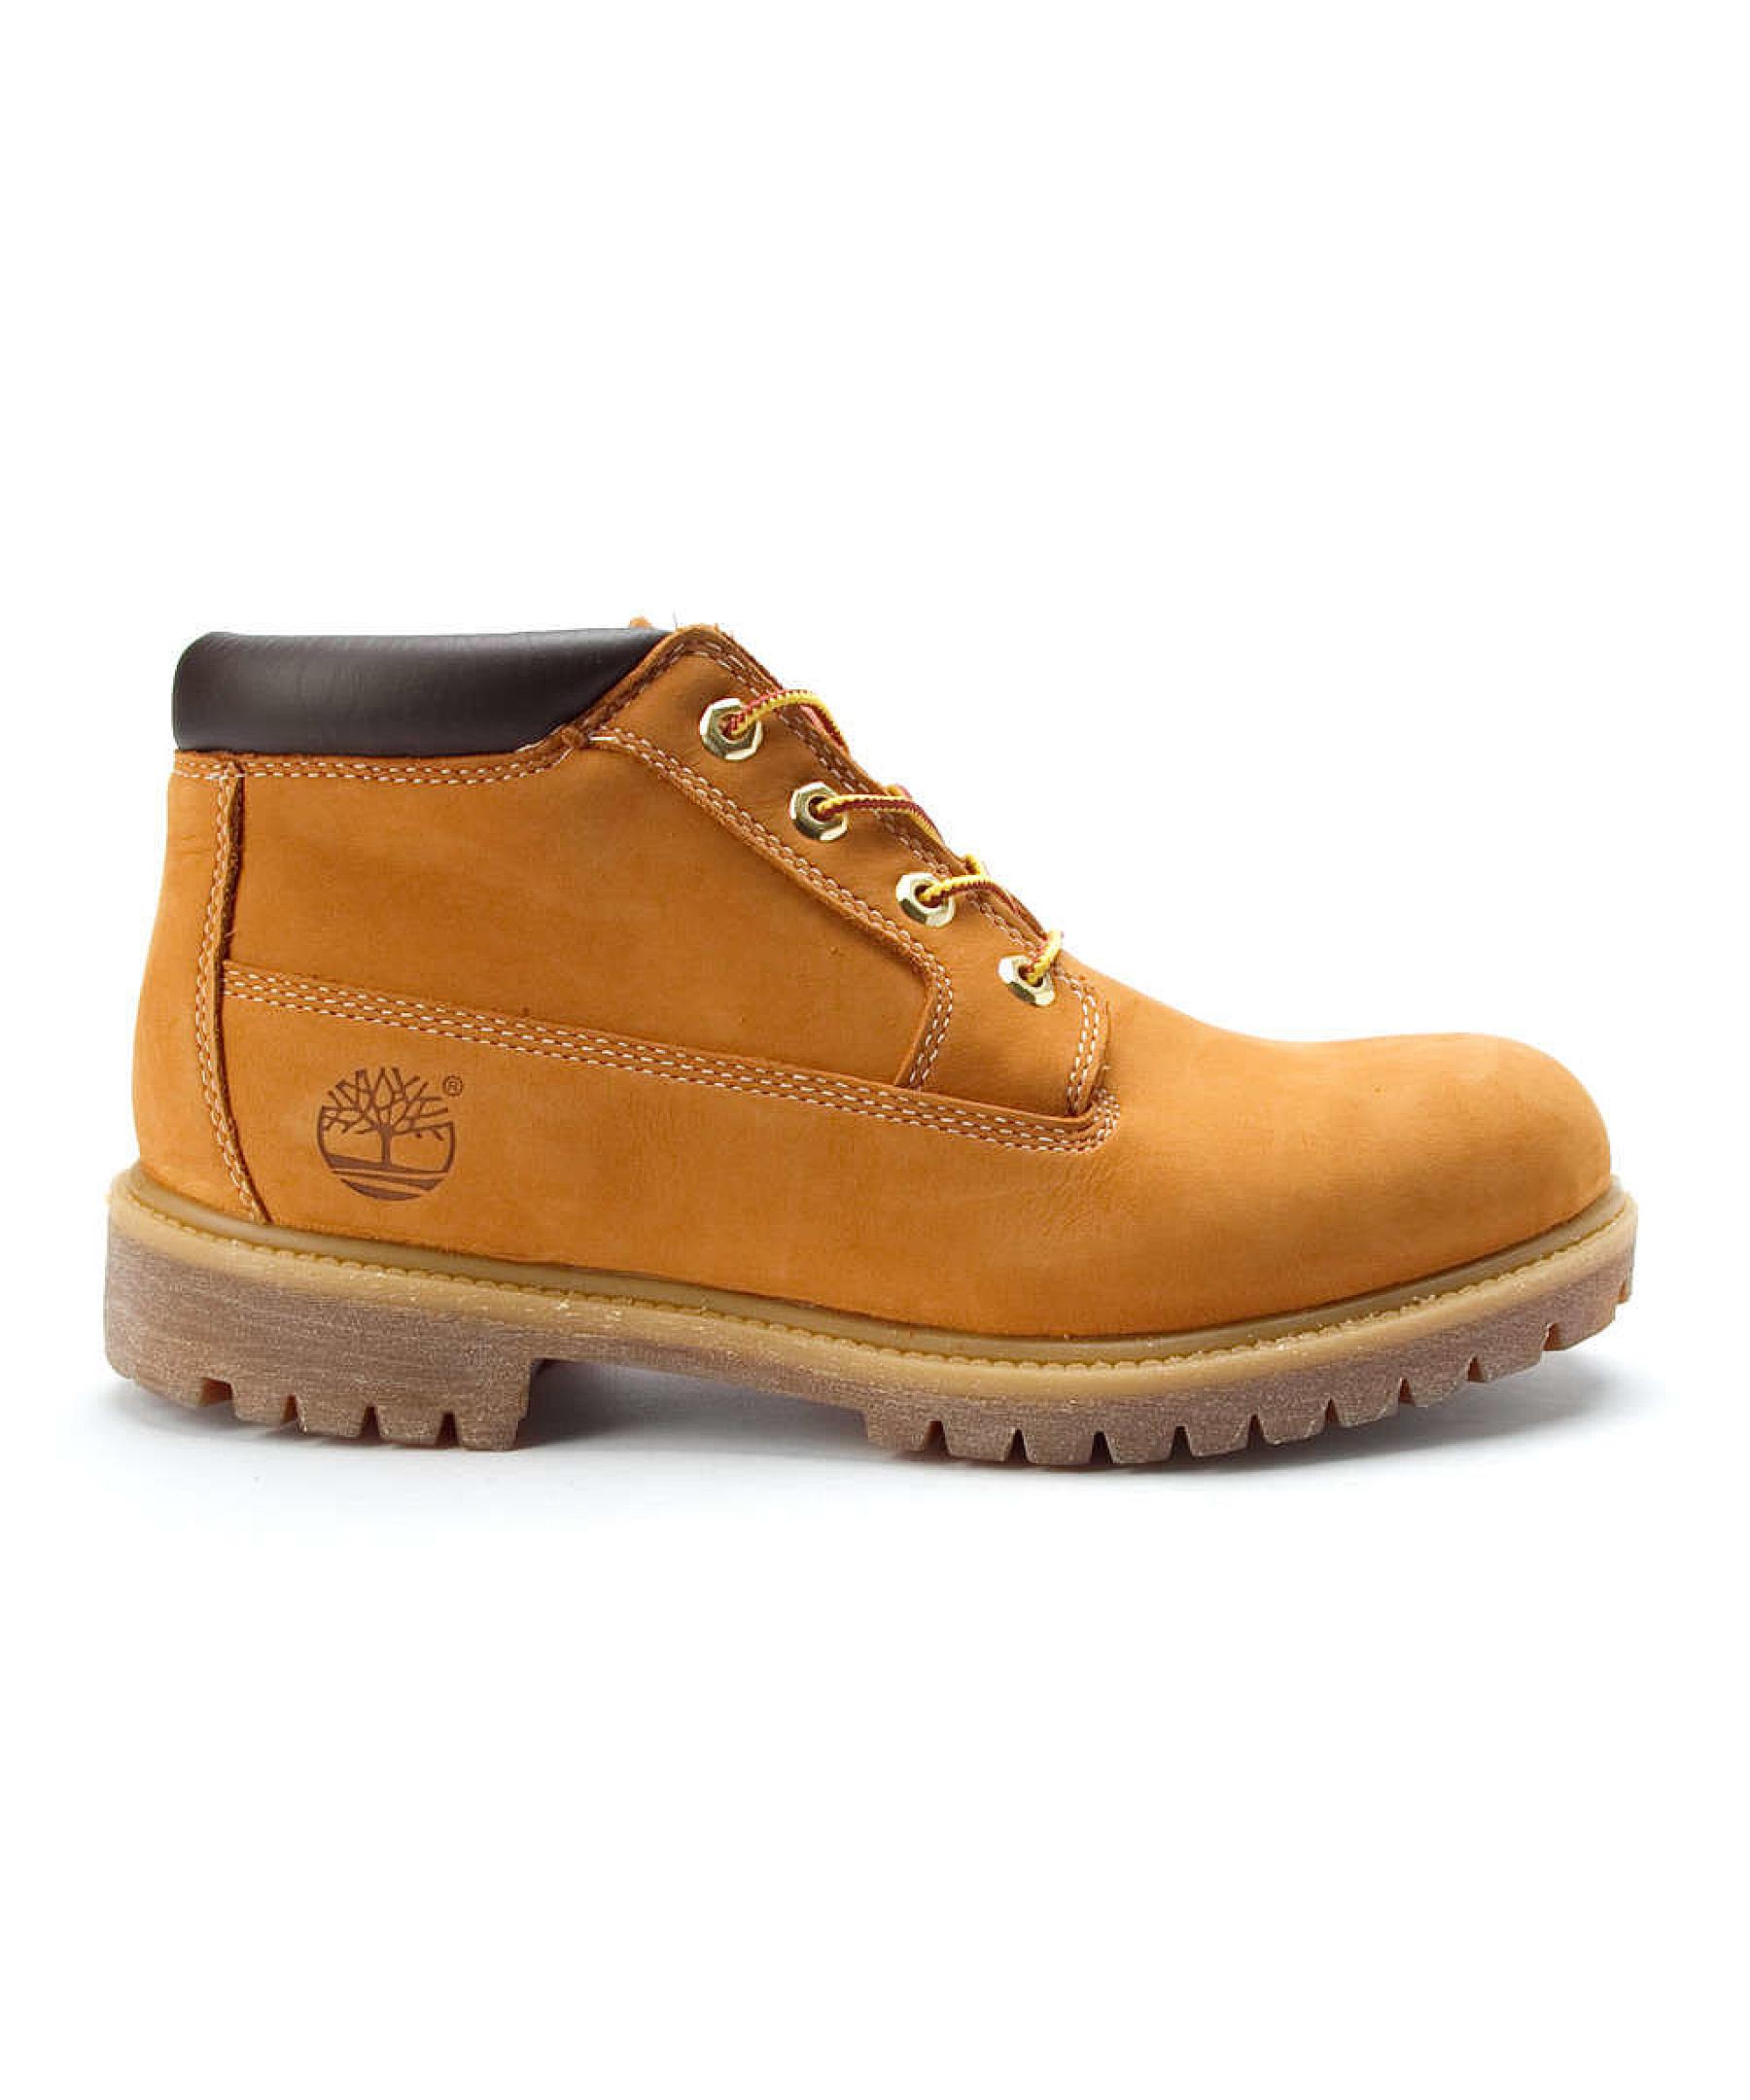 Timberland Men's Premium Waterproof Chukka Boots in Beige ...